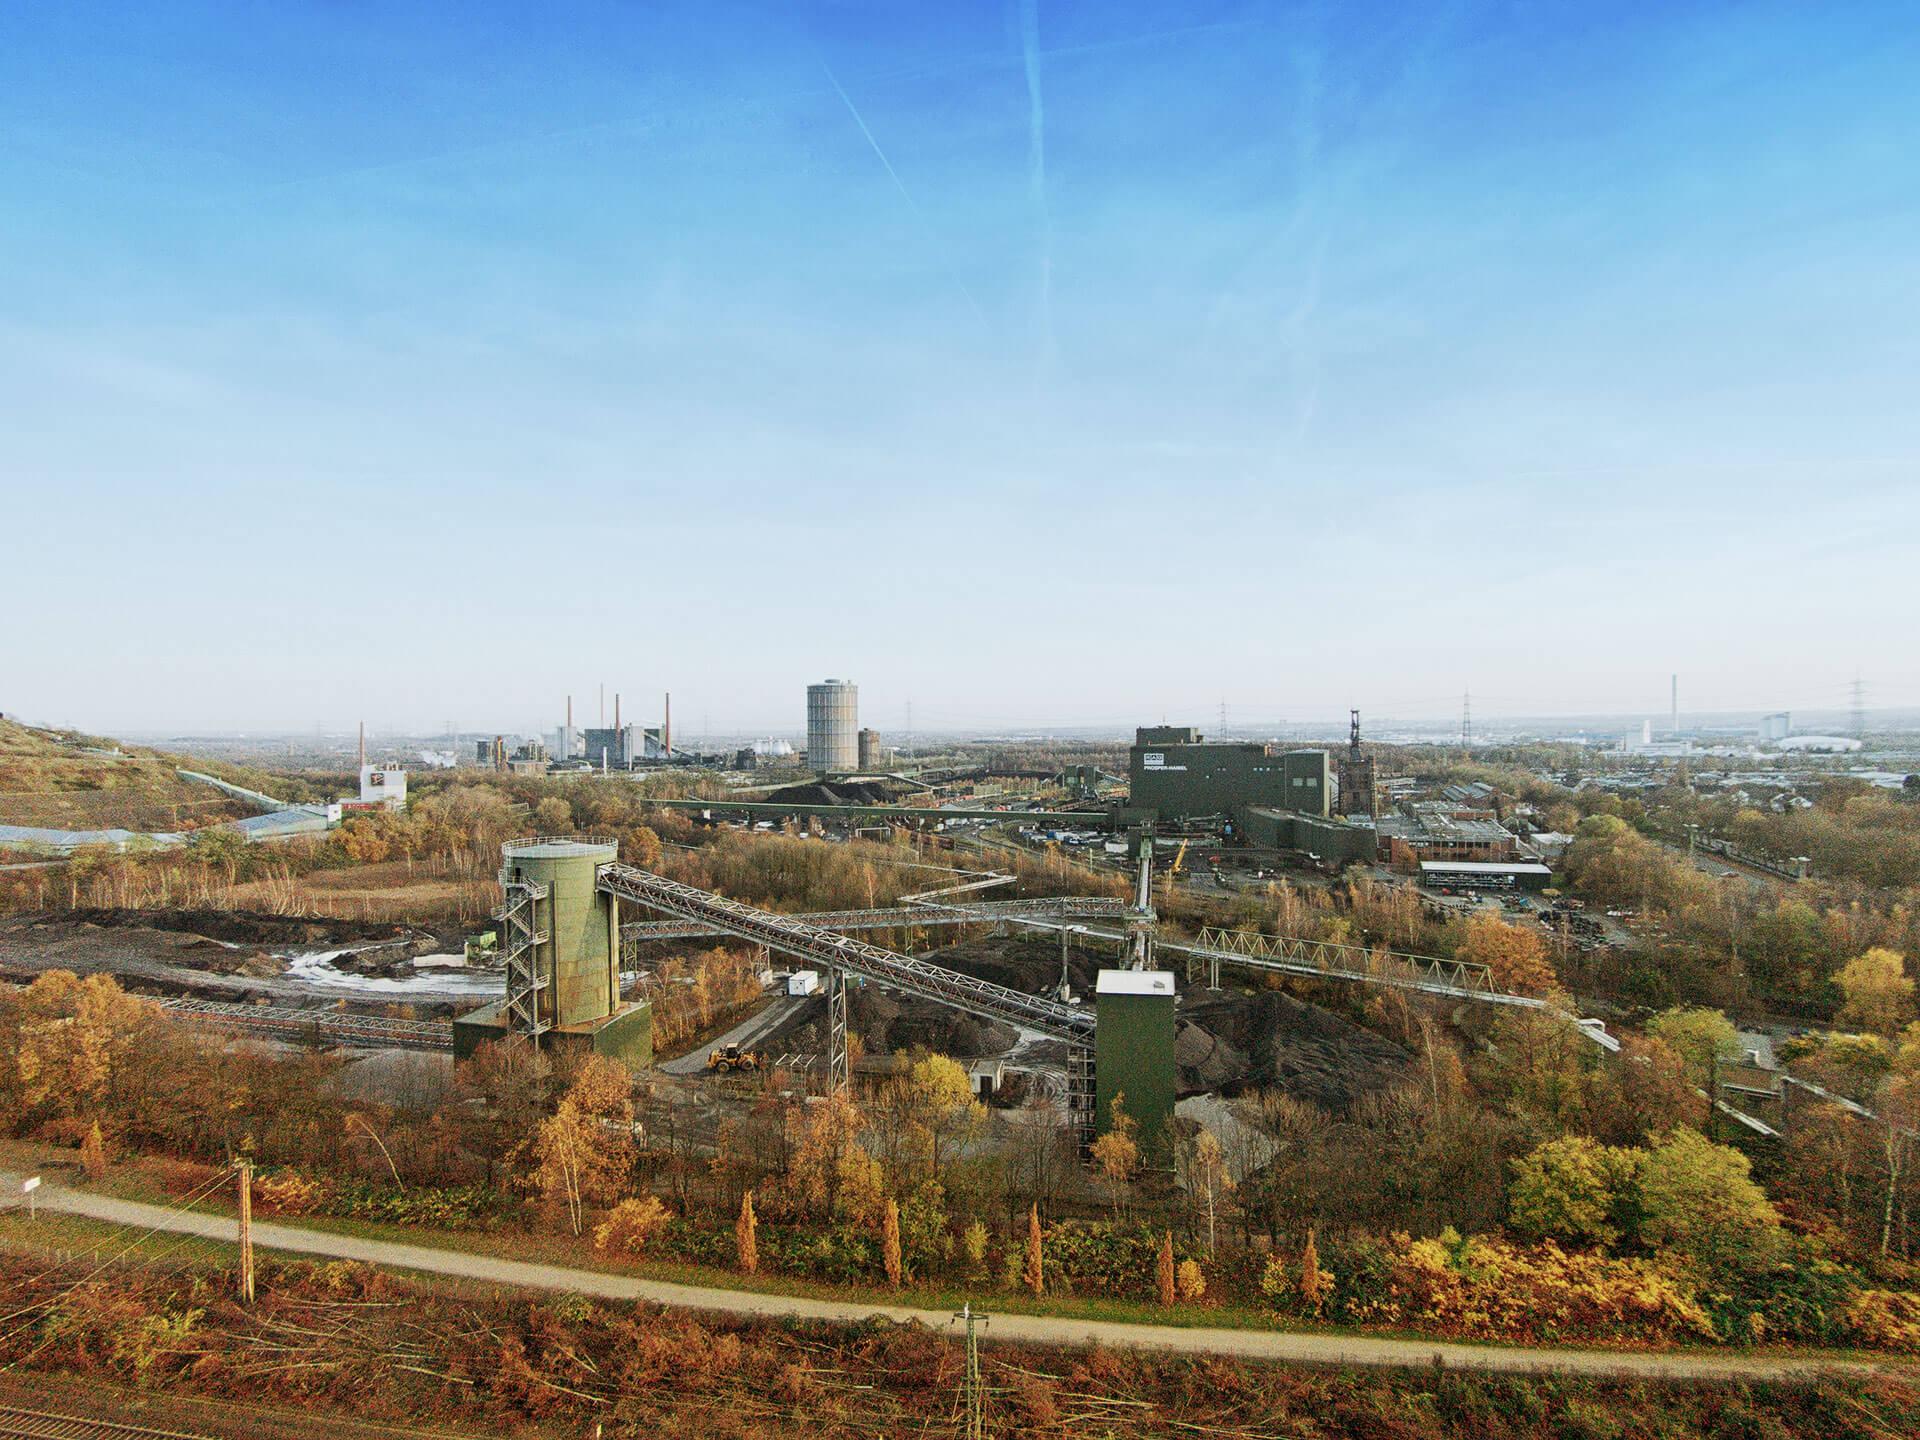 Luftbild von der Industrie im Ruhrgebiet